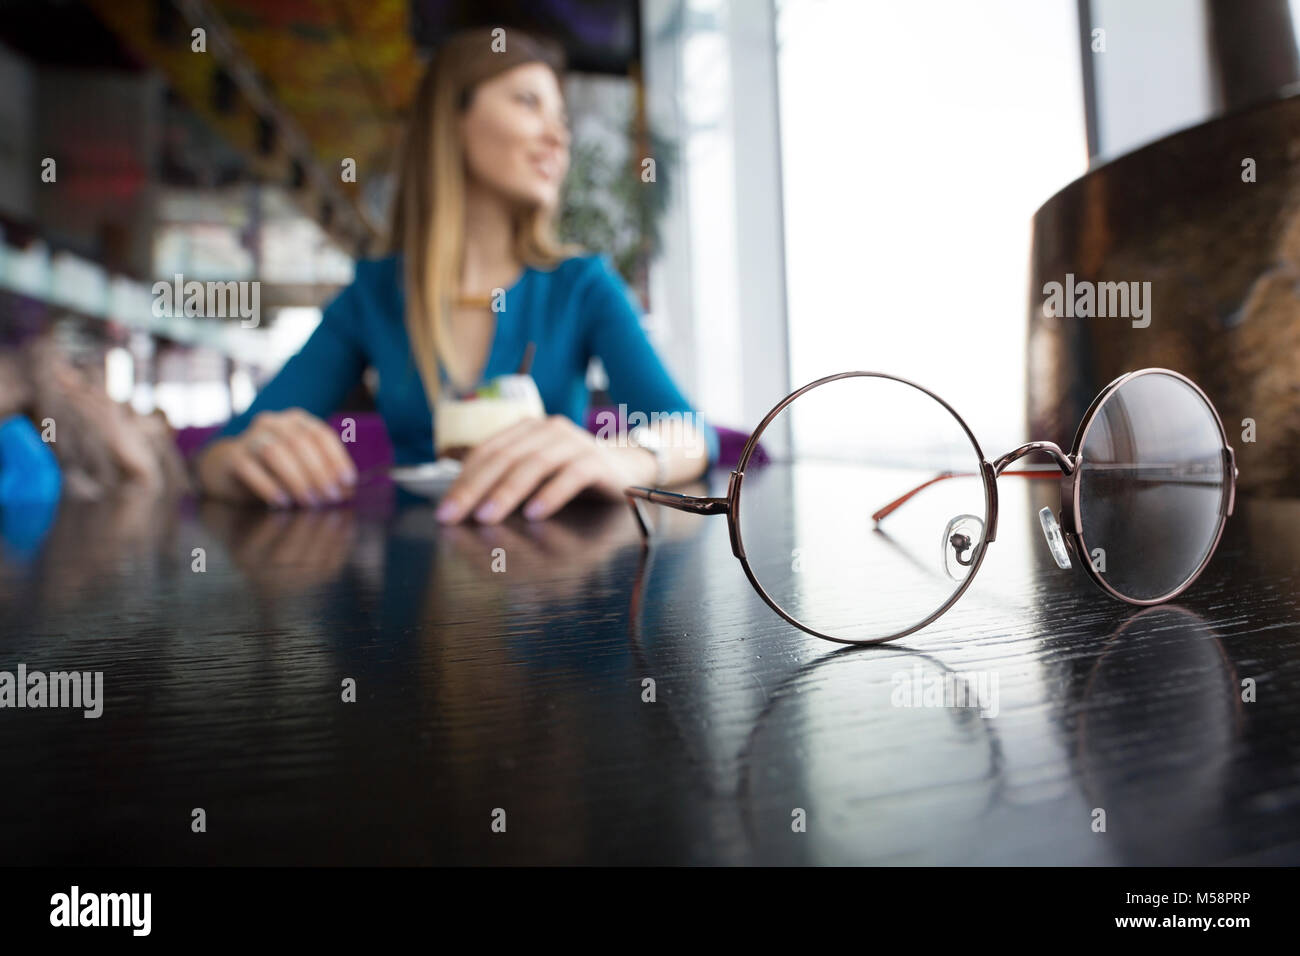 Süße Mädchen im Cafe sitzen und schauen aus dem Fenster Stockbild